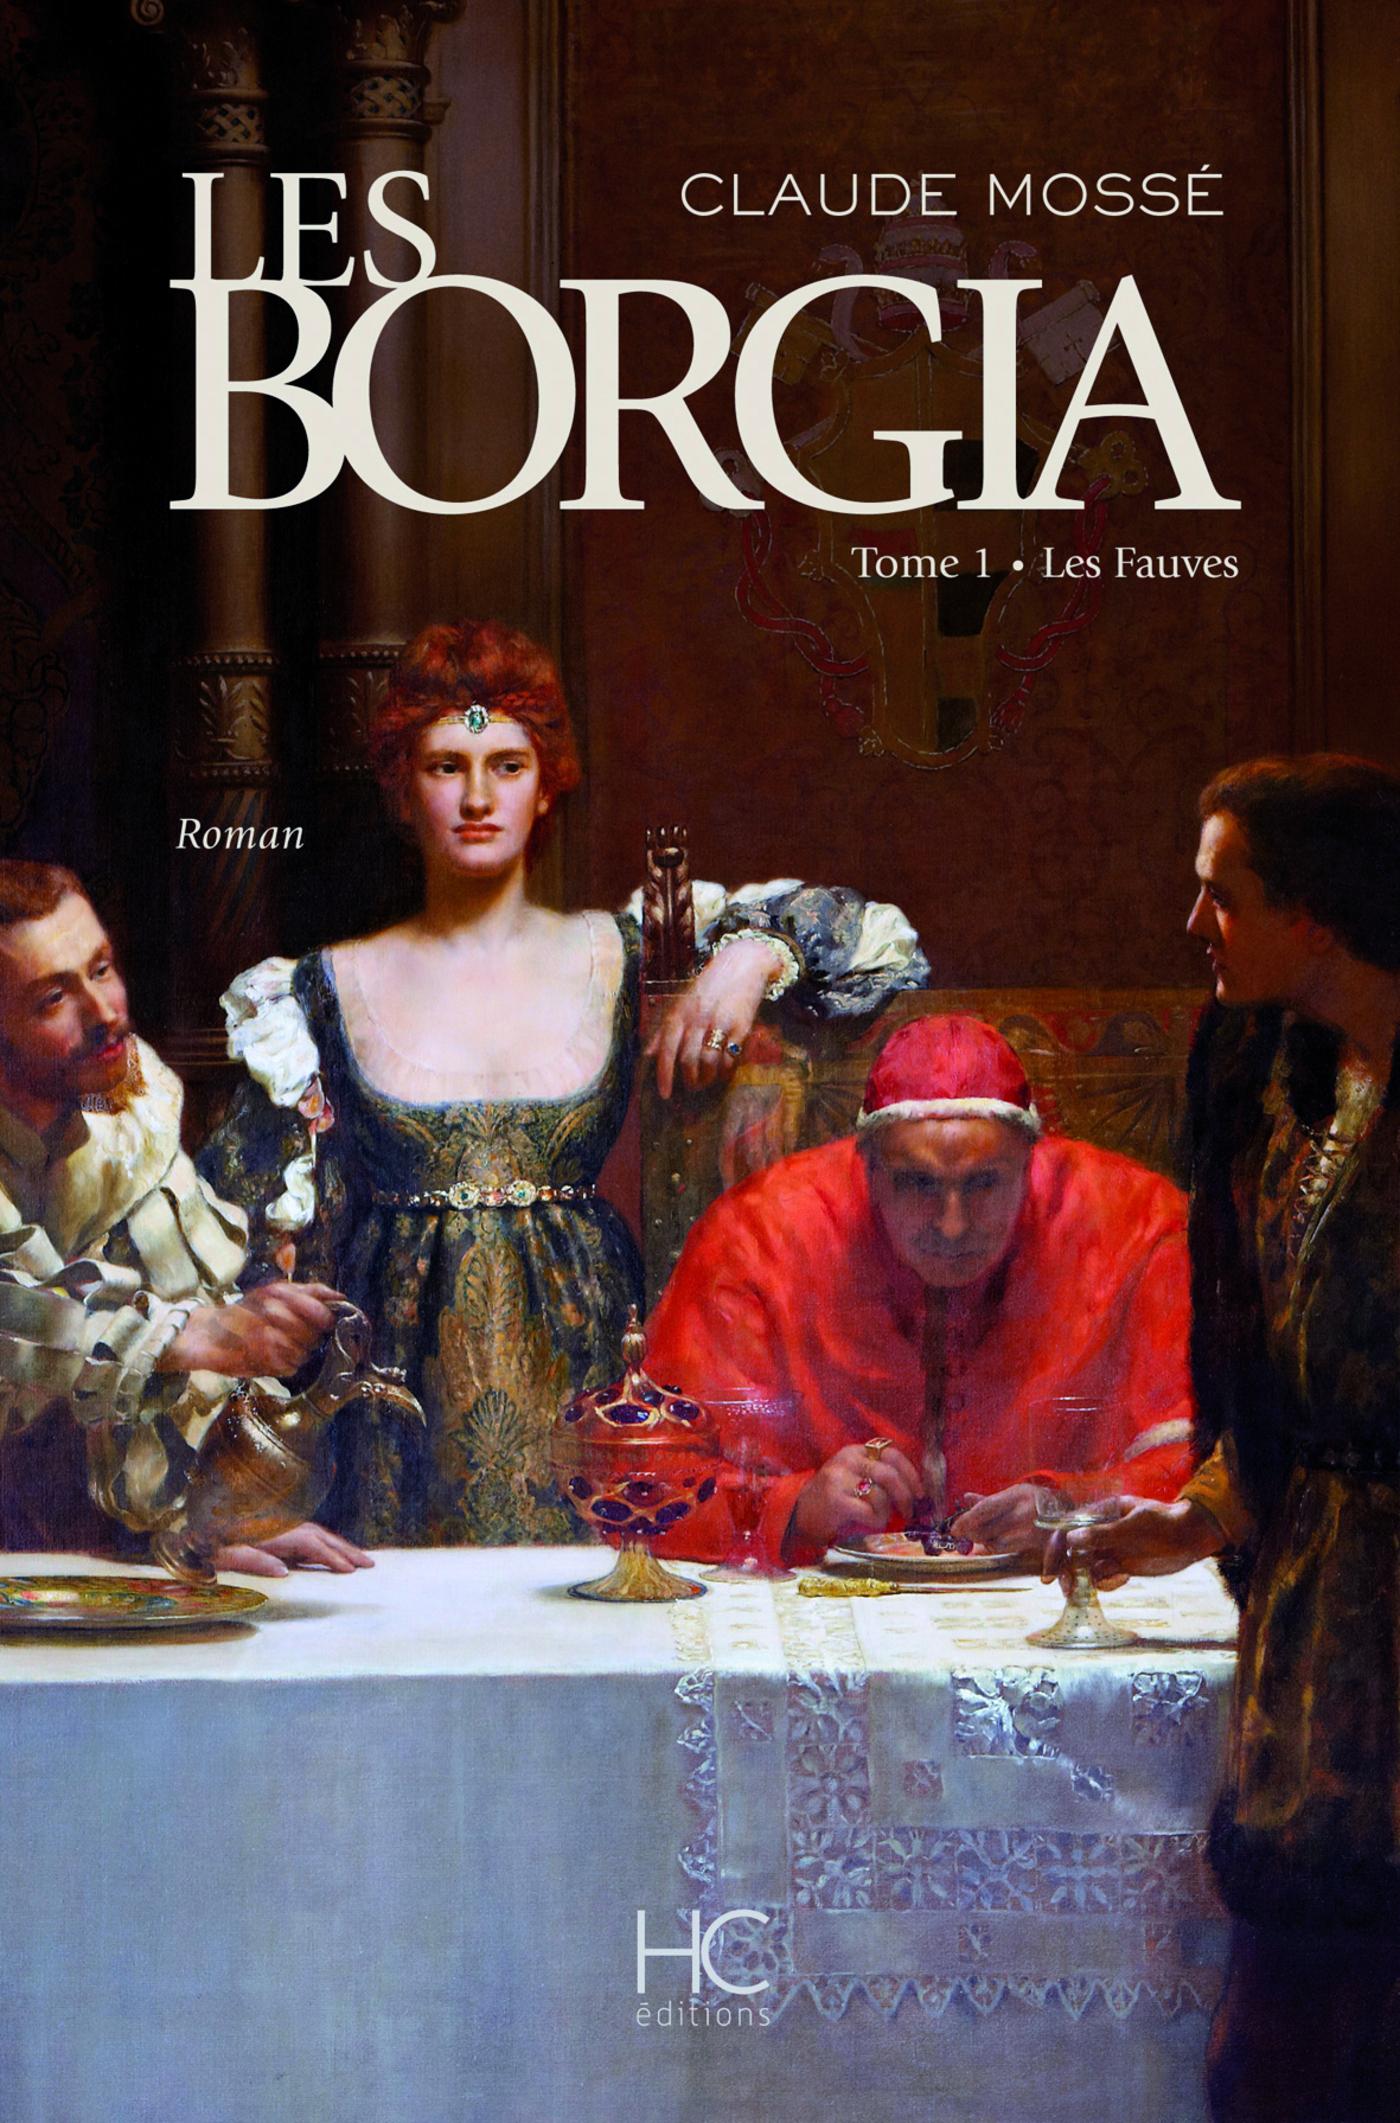 Les borgia - tome 1 - Les fauves (ebook)